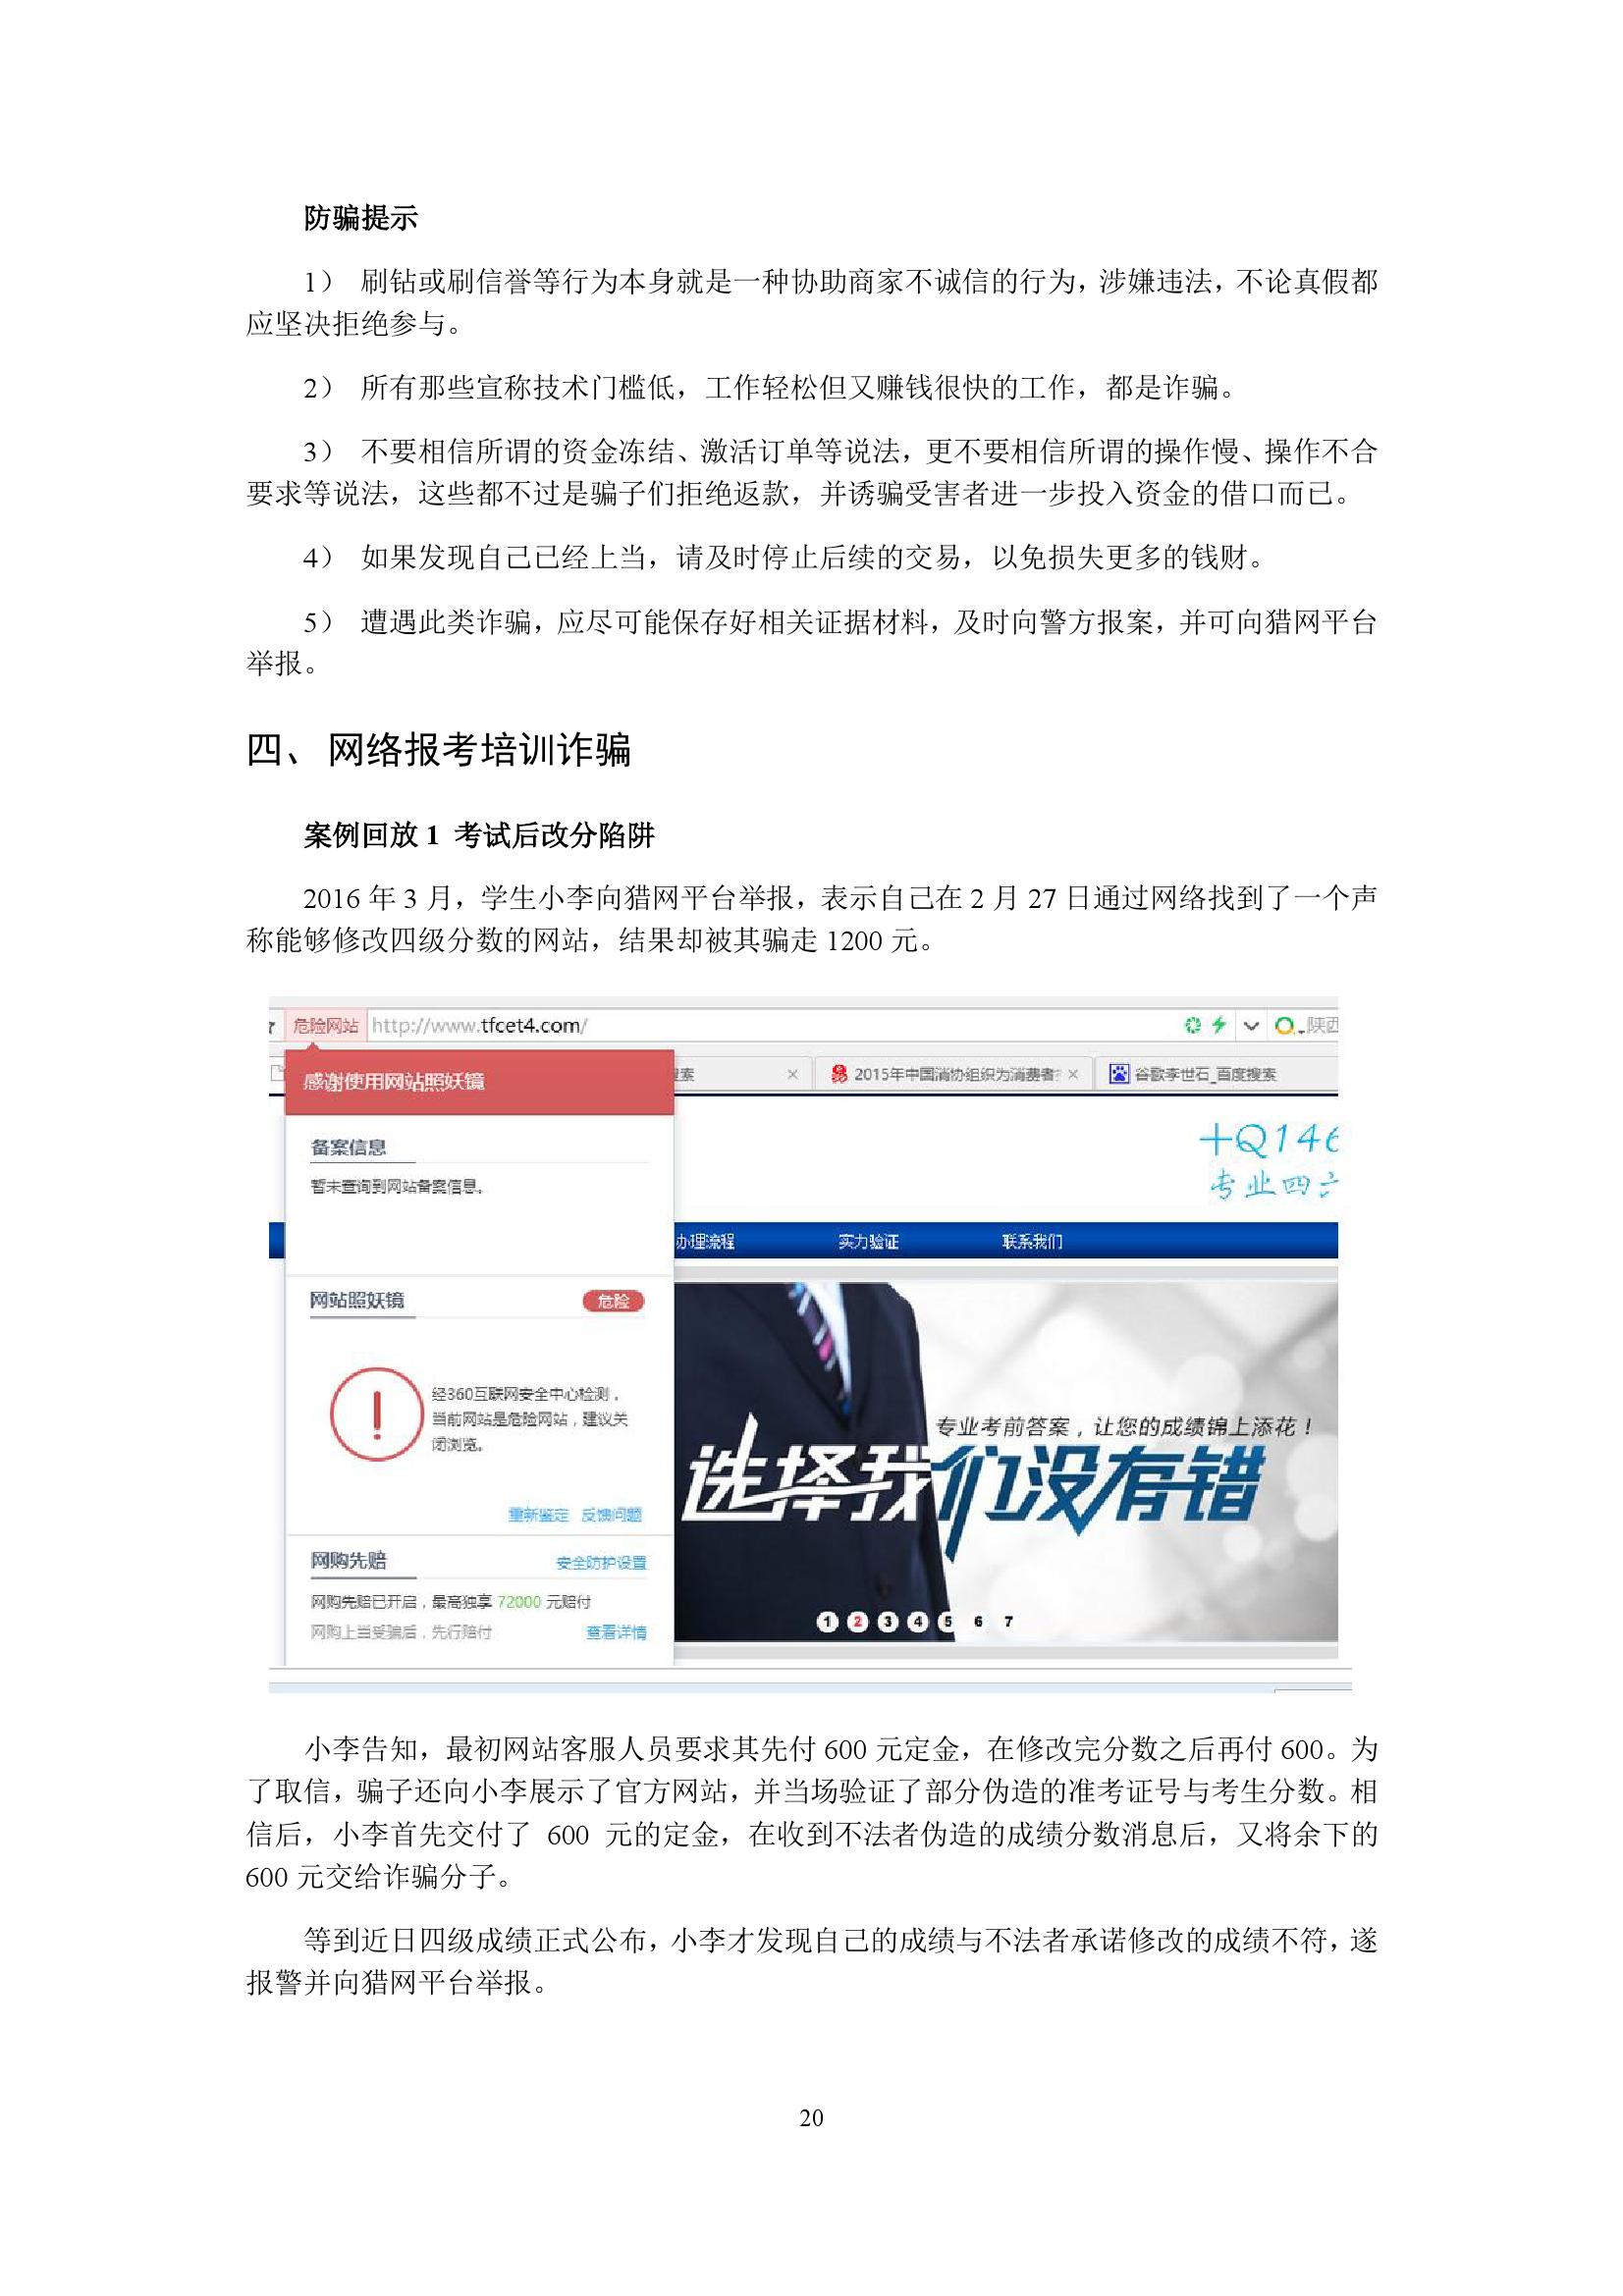 2016年第一季度网络诈骗趋势研究报告_000023